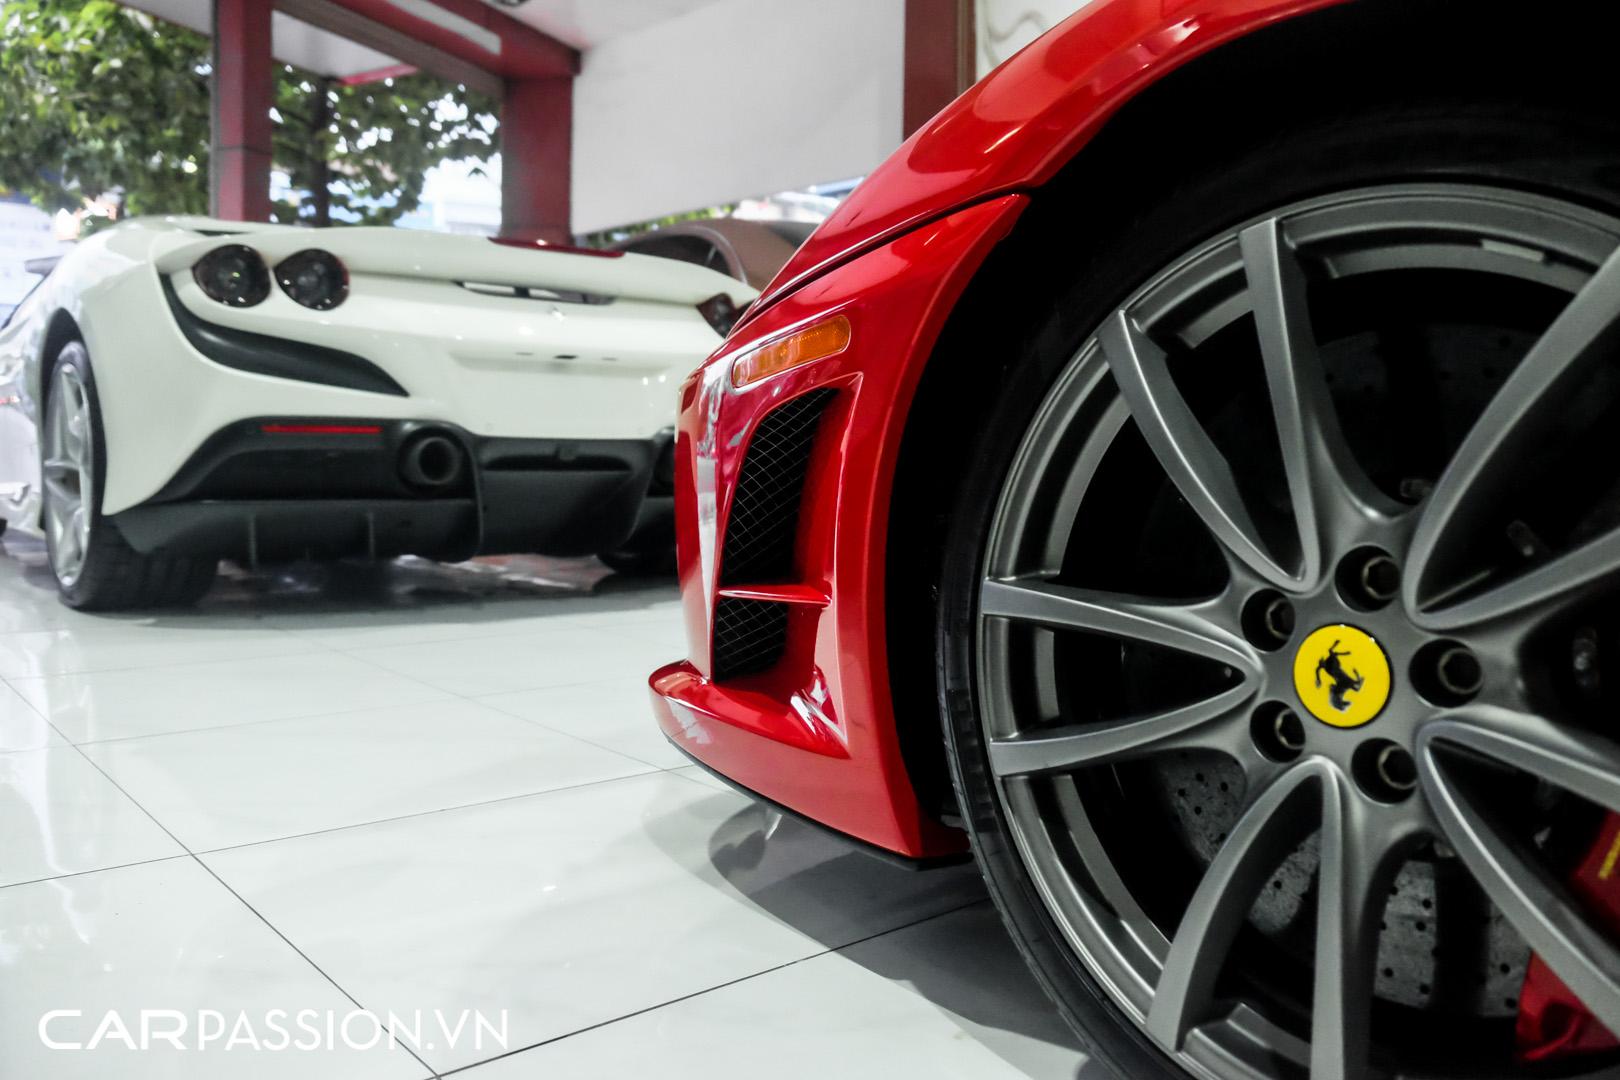 CP-Ferrari 430 Scuderia (57).jpg